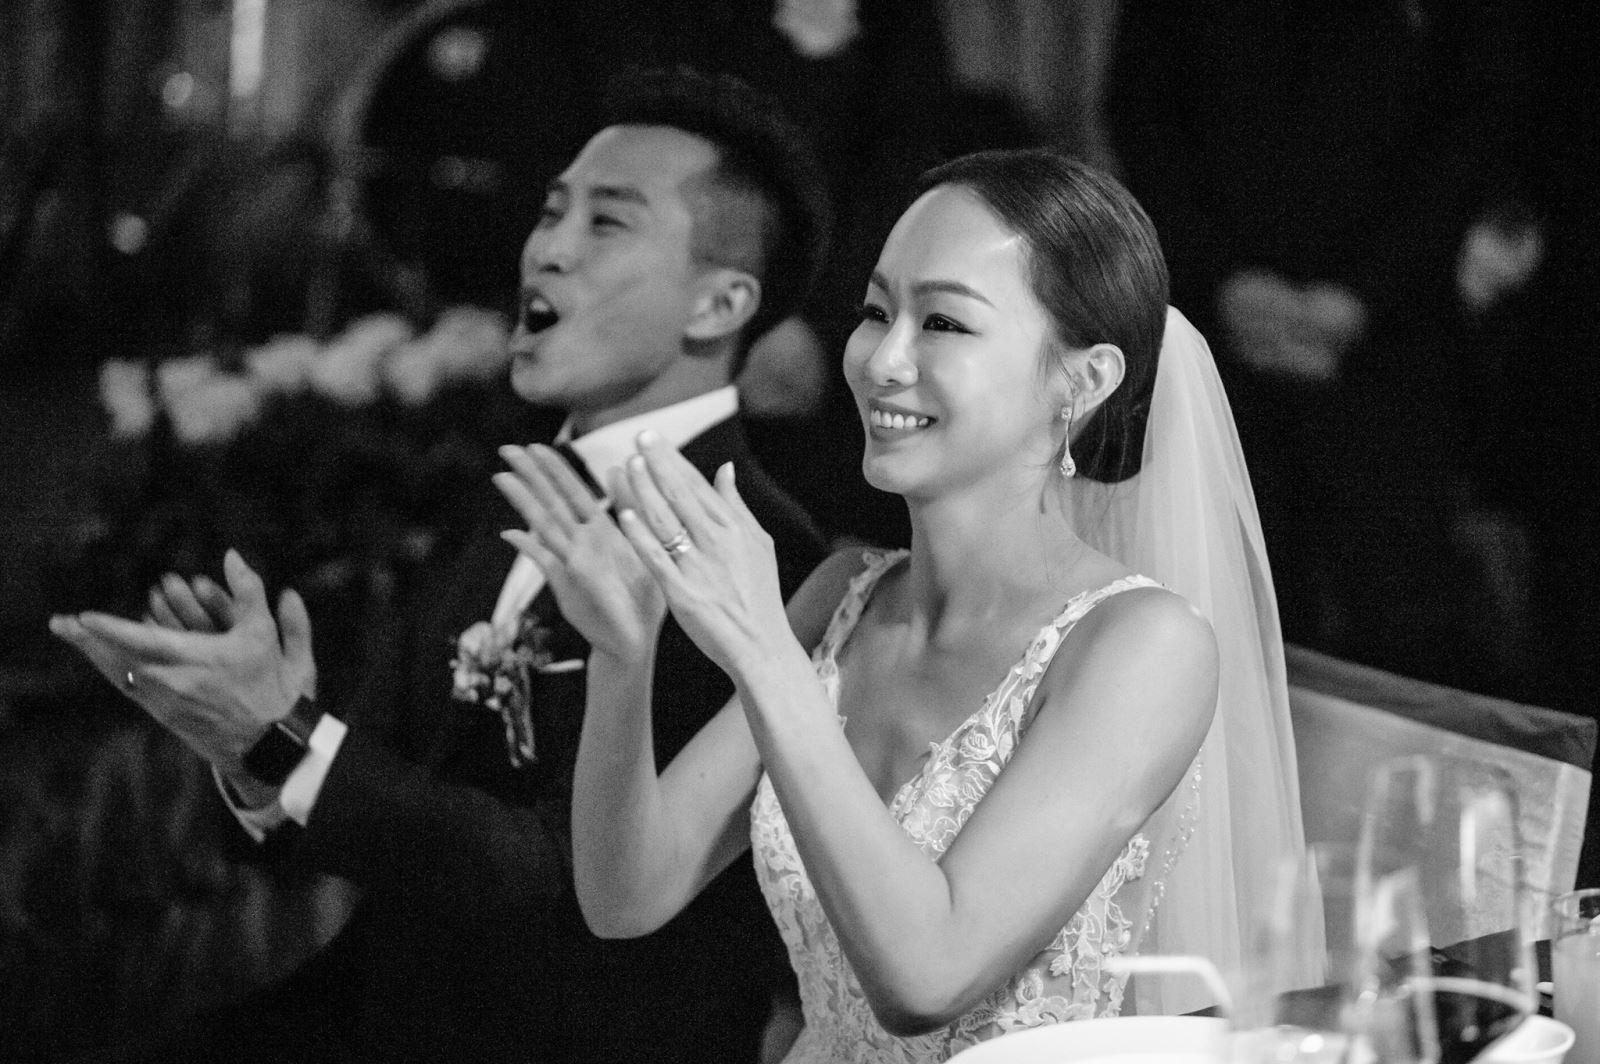 接受好友祝福的婚禮,新郎與新娘正在仔細聆聽著